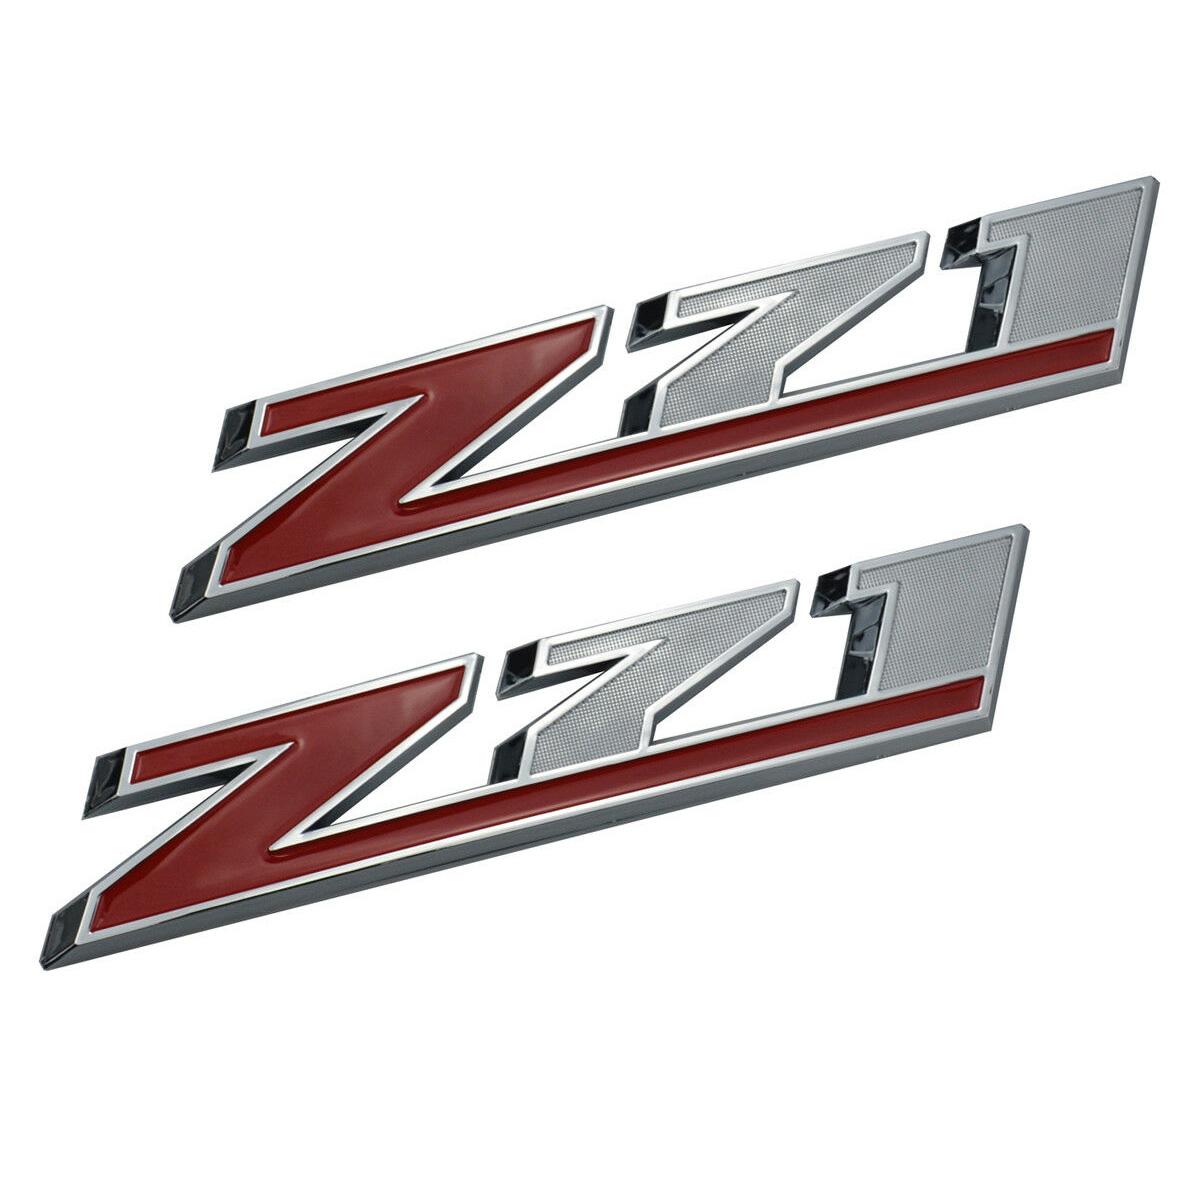 """3x OEM 10/"""" Big Z71 OFF ROAD Emblems for GM Silverado Sierra Truck Y Chrome black"""